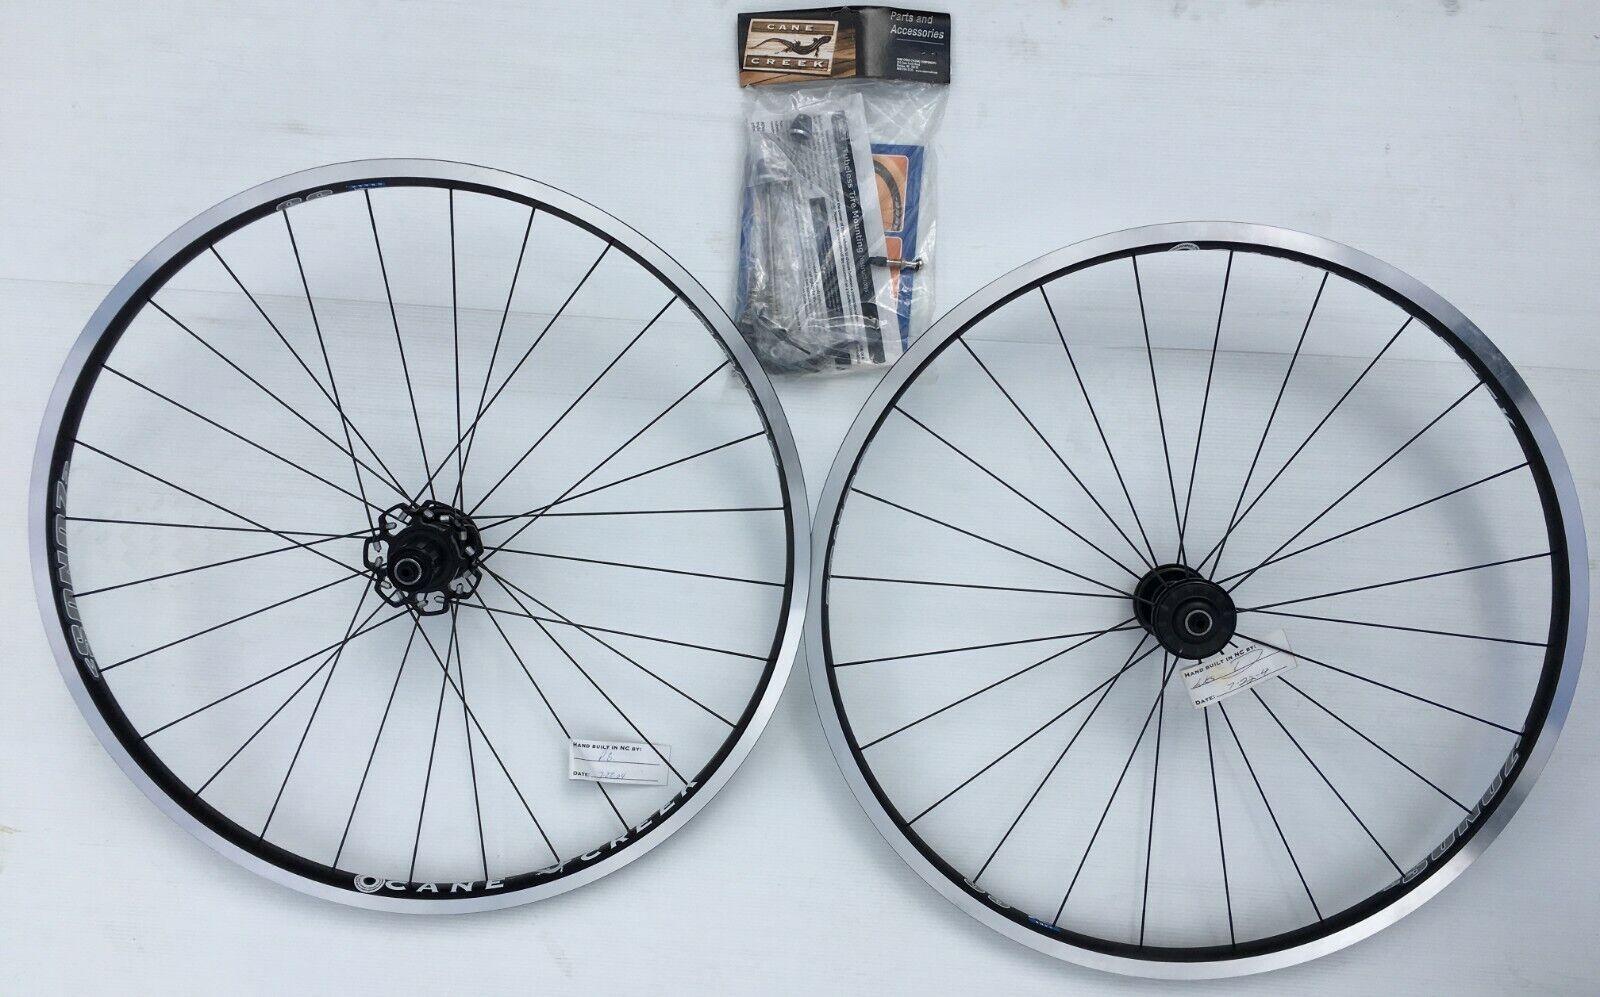 Set Wheels MTB Cane Creek Zonos Ss 26 Tubeless Cycling Mountain Bike Wheel Set